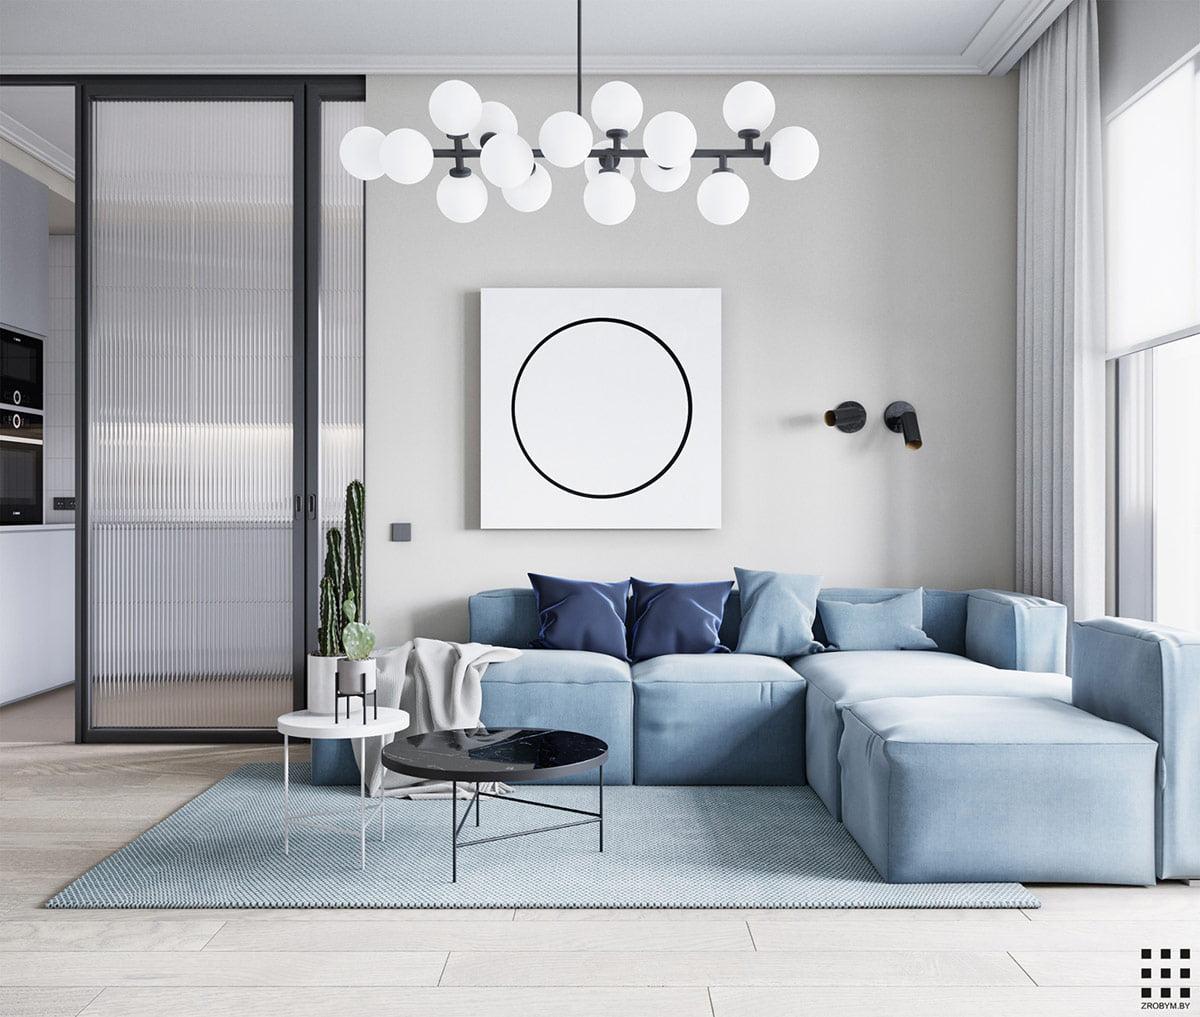 trang trí phòng khách đơn giản 2